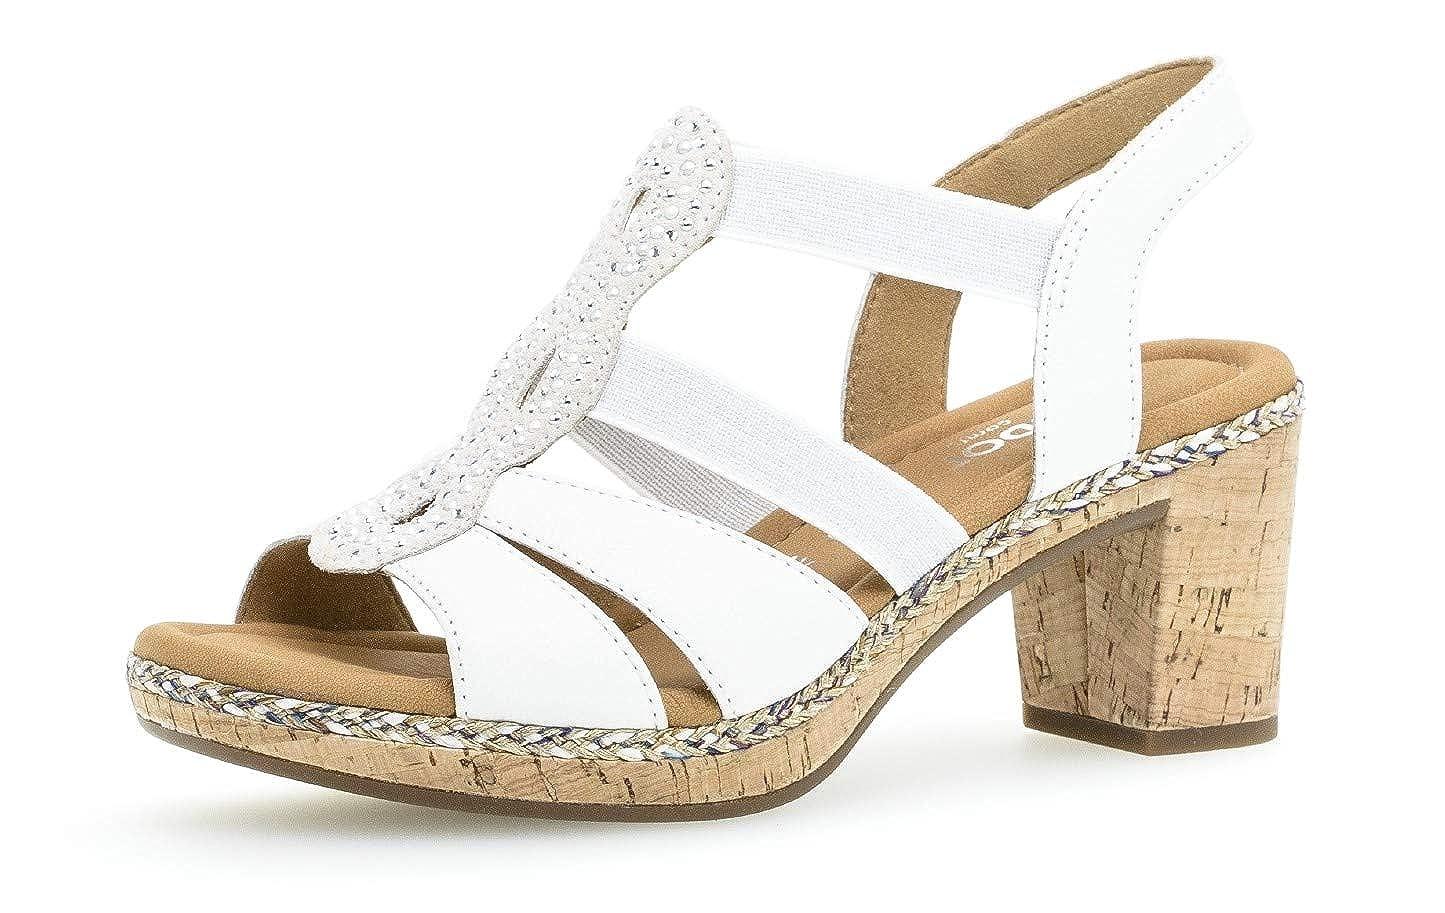 Gabor Damen Sandaletten 22.774, Frauen Sandaletten,Sommerschuhe,Absatzschuhe  | Kompletter Spezifikationsbereich  | Verschiedene Stile und Stile